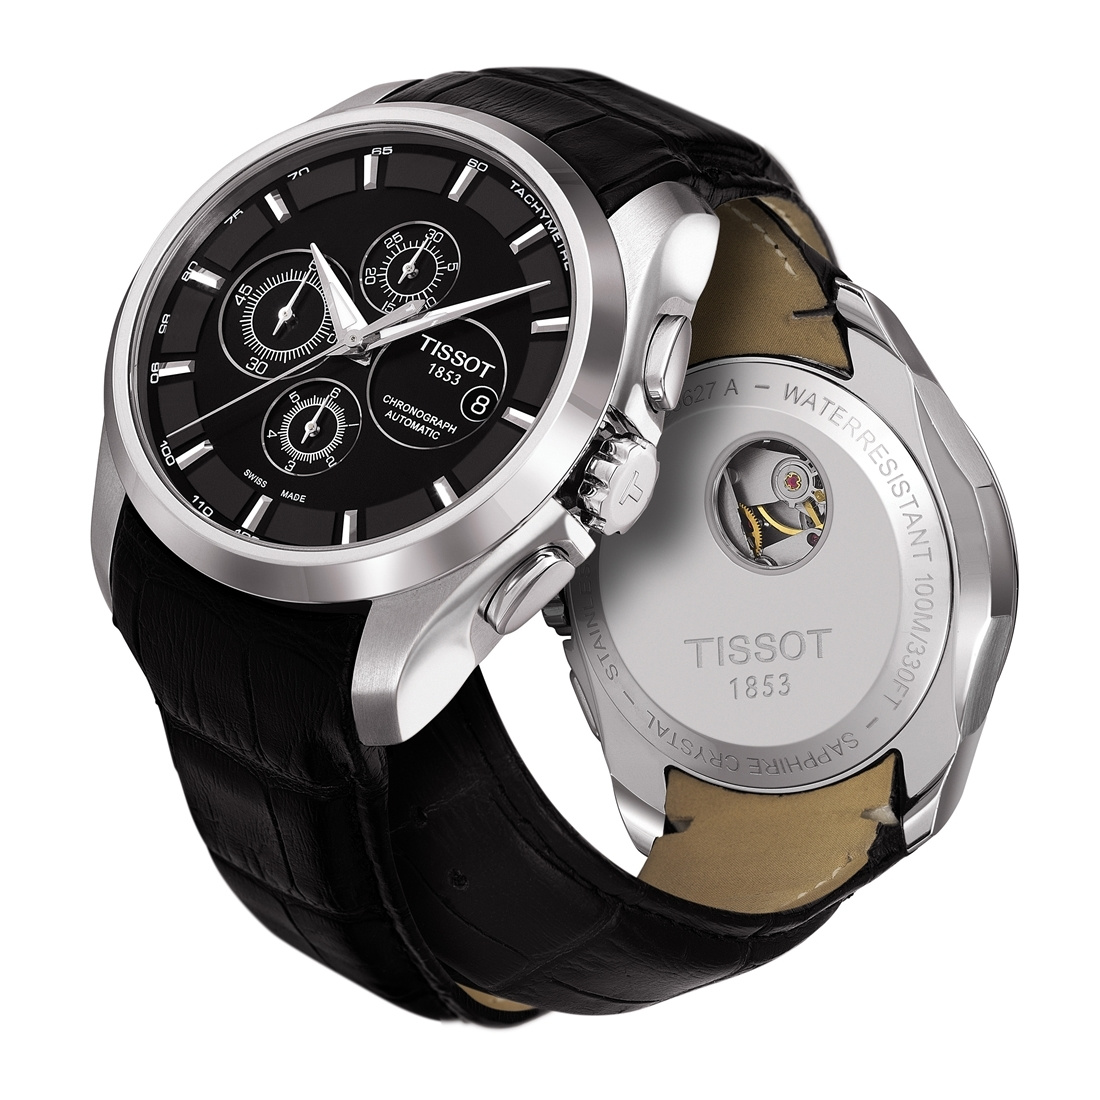 Пять лет спустя сын основателя фирмы отправился в российскую империю, чтобы показать там свои карманные часы и убедить потенциальных покупателей в их высоком качестве.